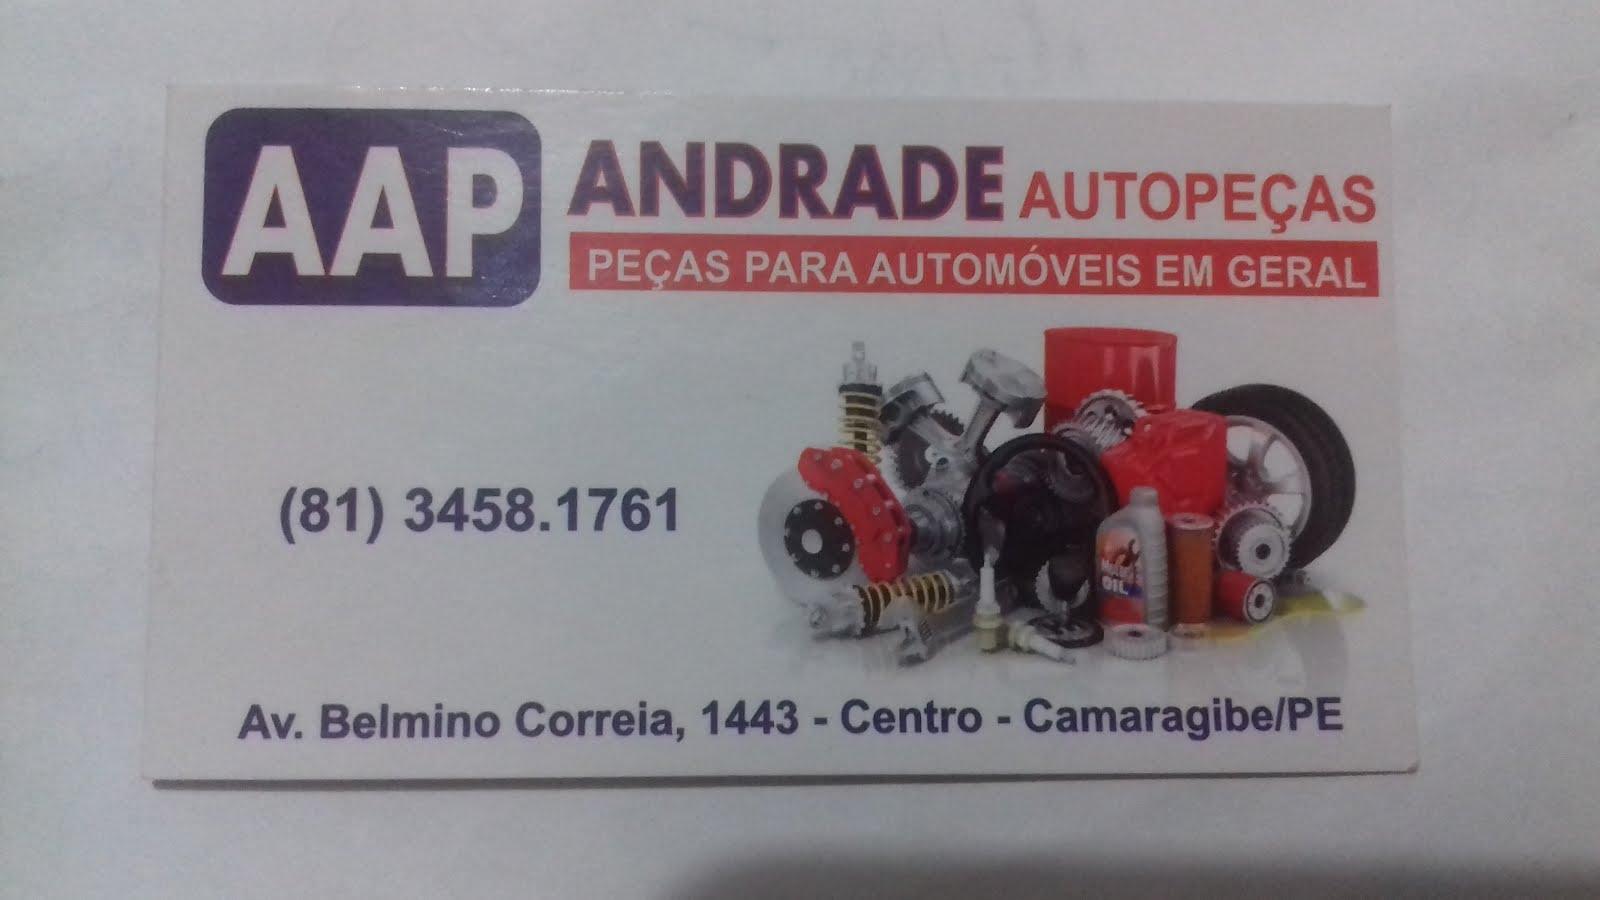 ANDRADE AUTOPEÇAS